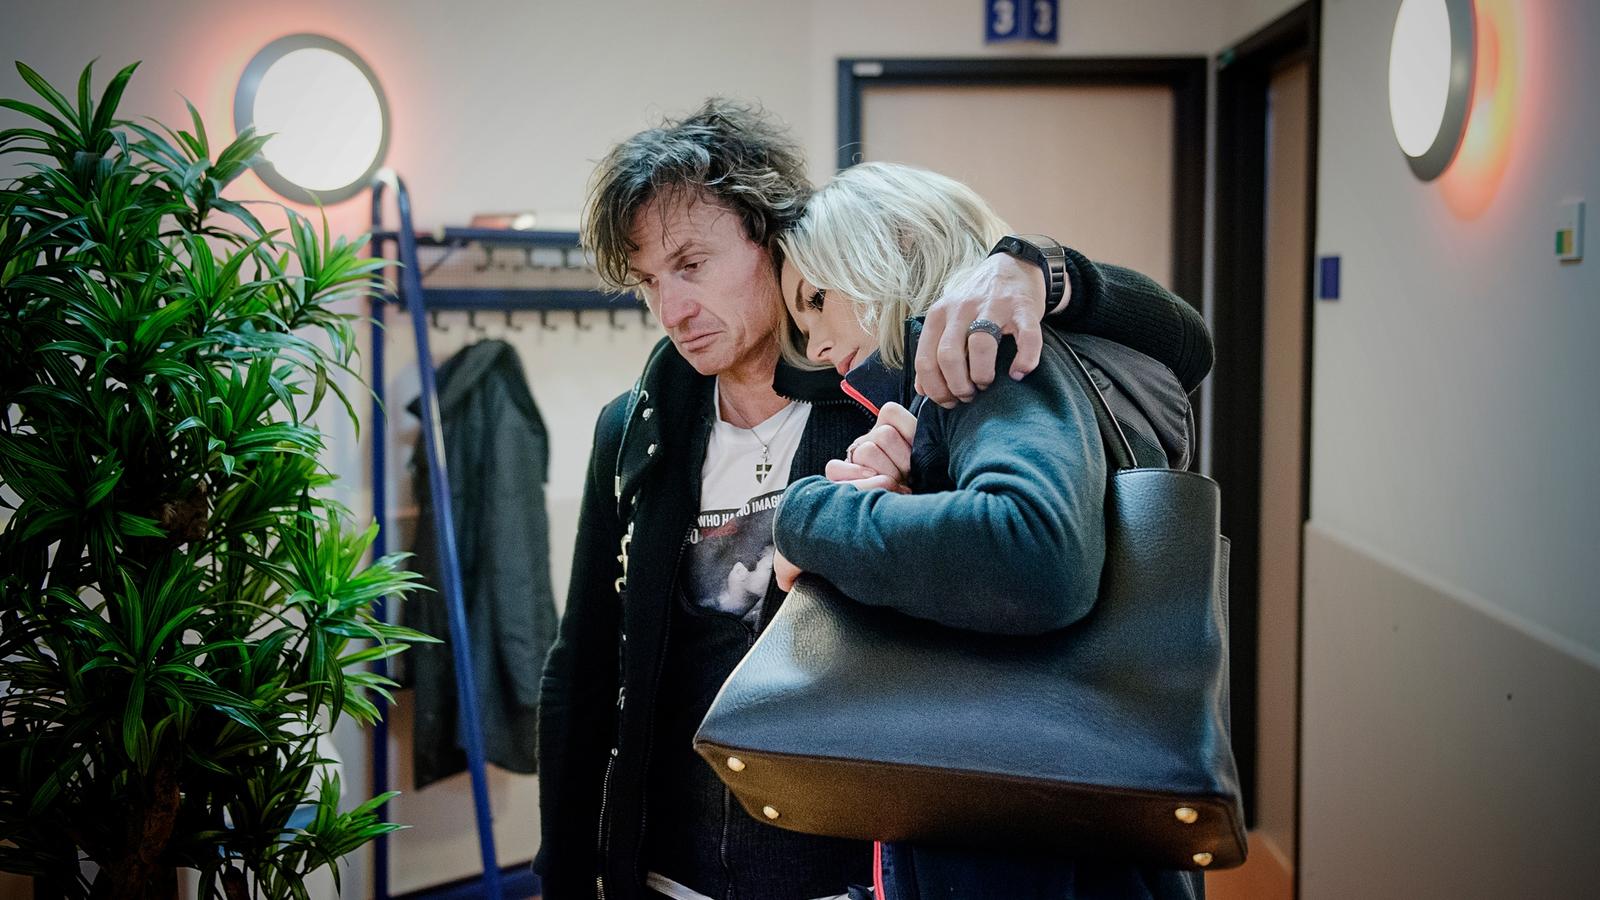 Gunhild Stordalen har fått påvist den livstruende diagnosen systemisk skleroderm. Denne uken ble hun innlagt ved et sykehus i Utrecht i Nederland (bildet). Med på reisen var mannen Petter Stordalen.  – Vi har valgt å fortelle om dette nå, på tross av at ingen kan vite hvordan dette ender, sier Petter Stordalen. Foto: